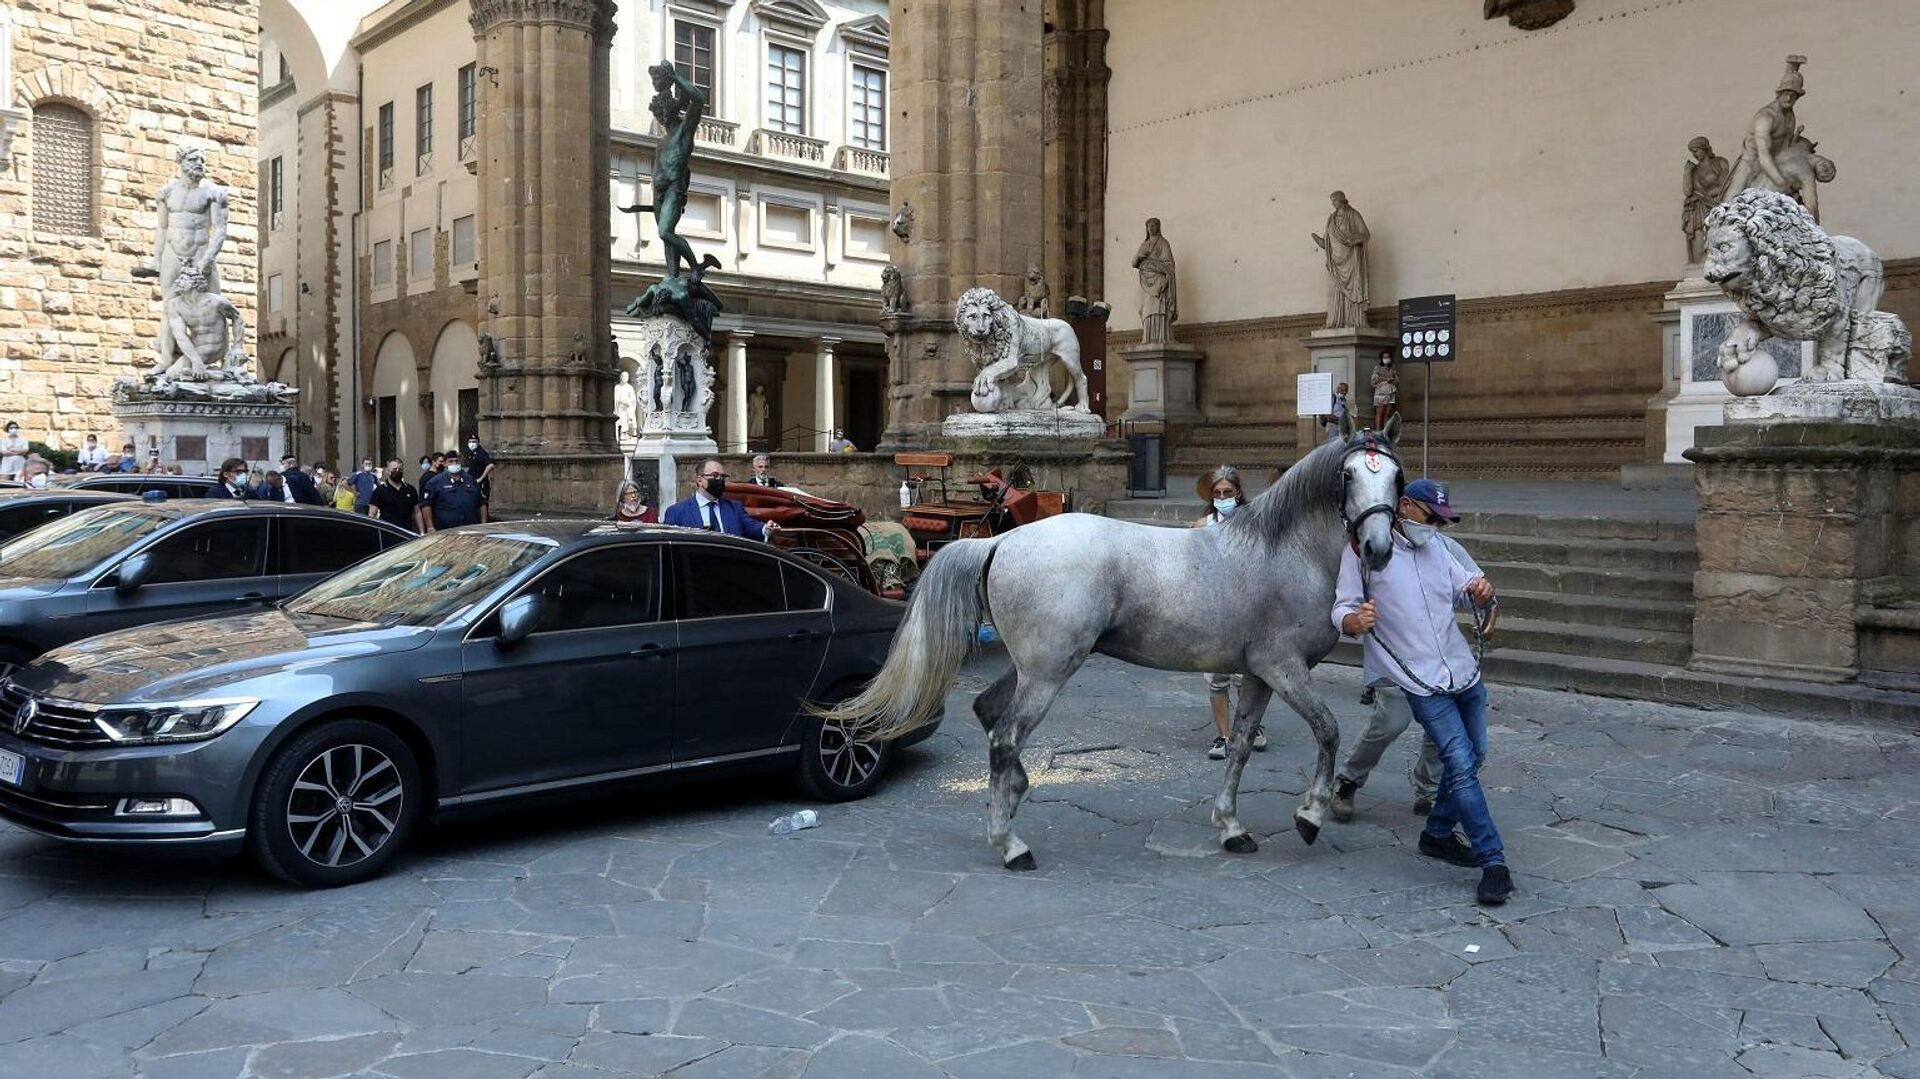 Carrozze con cavalli in centro a Firenze - Sputnik Italia, 1920, 05.07.2021